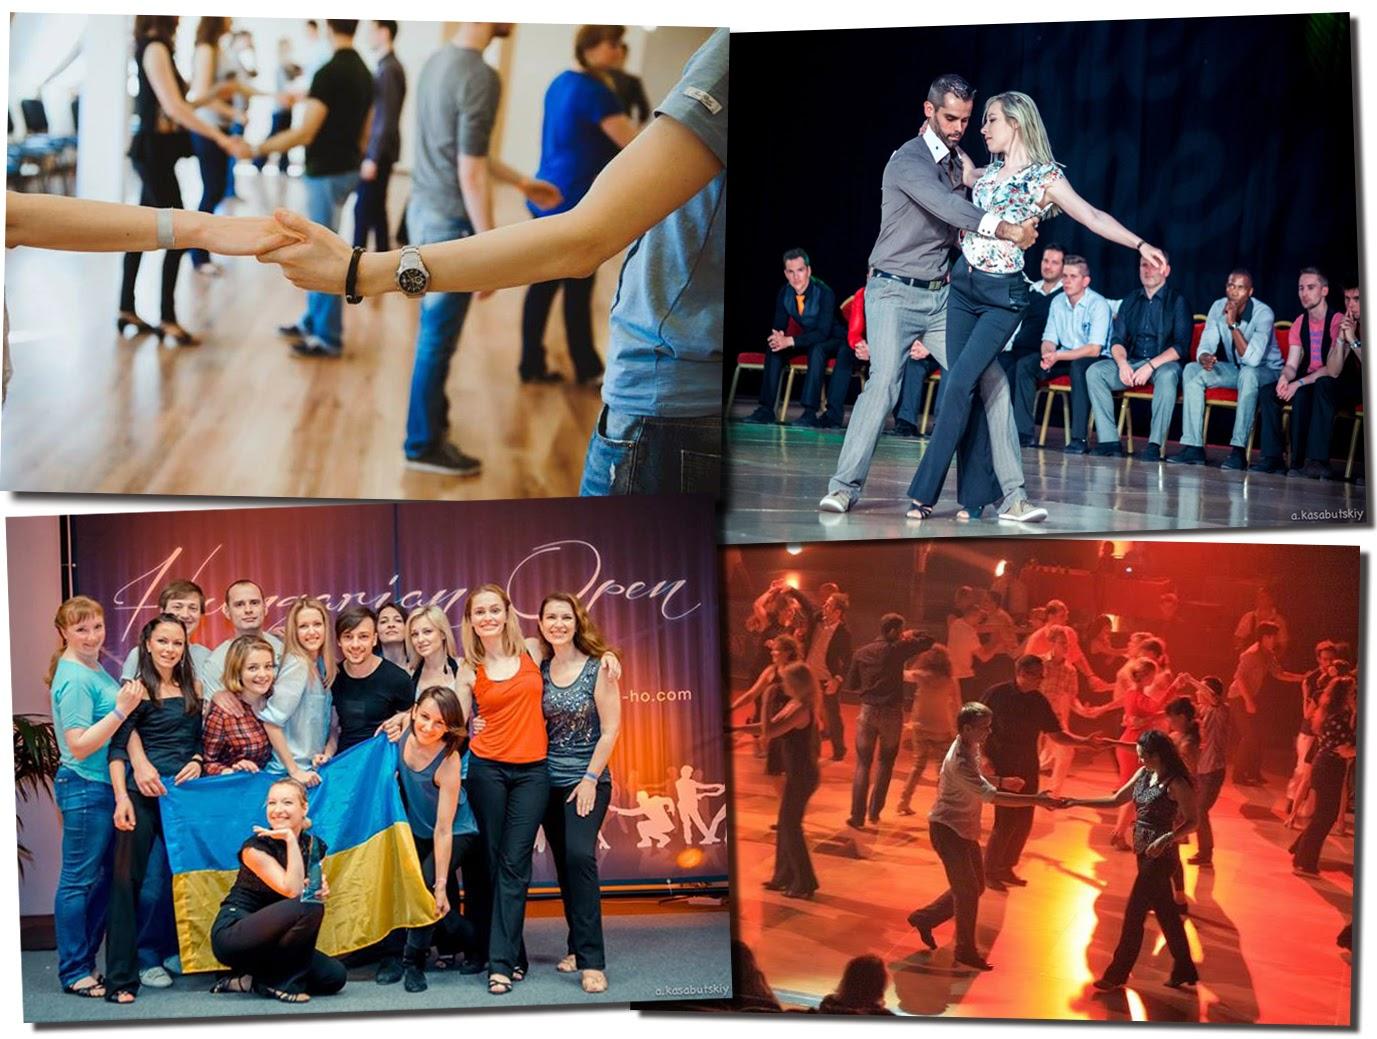 Что такое West Coast Swing? Это танец людей влюбленных в жизнь!